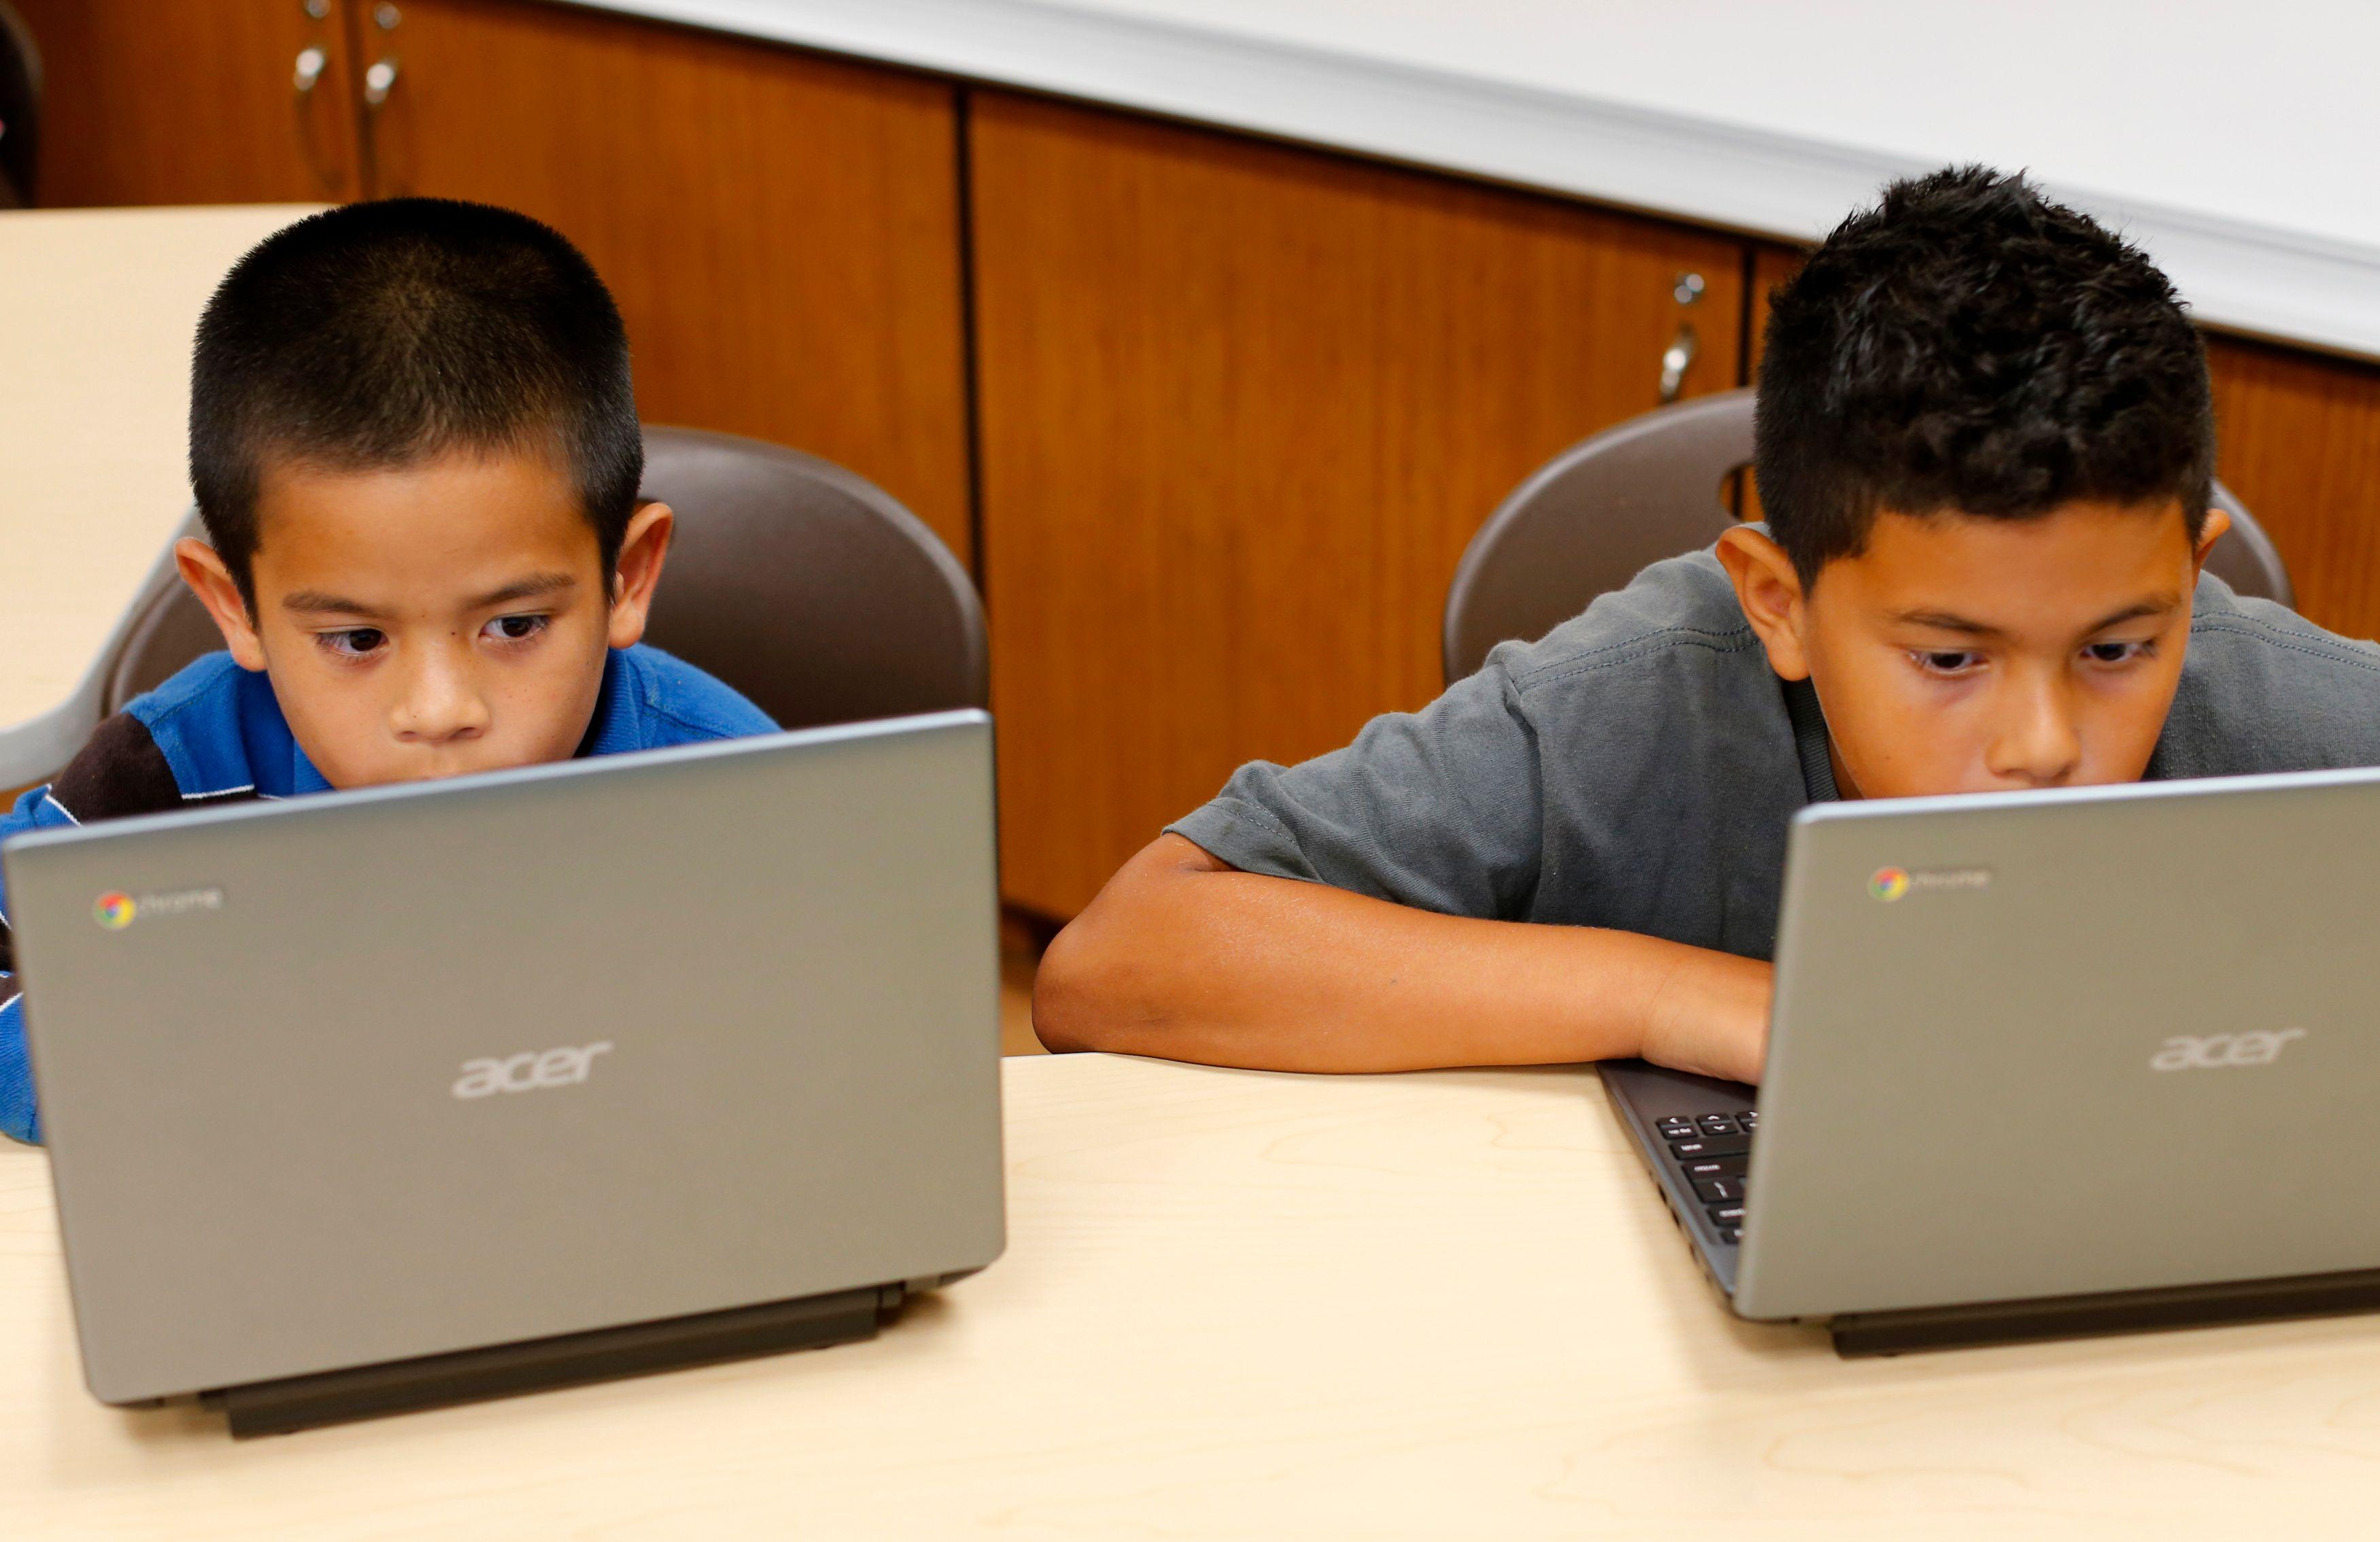 Génération digitale ? Pas si vite, les Millennials sont autant dépassés par notre environnement numérique que leurs aînés